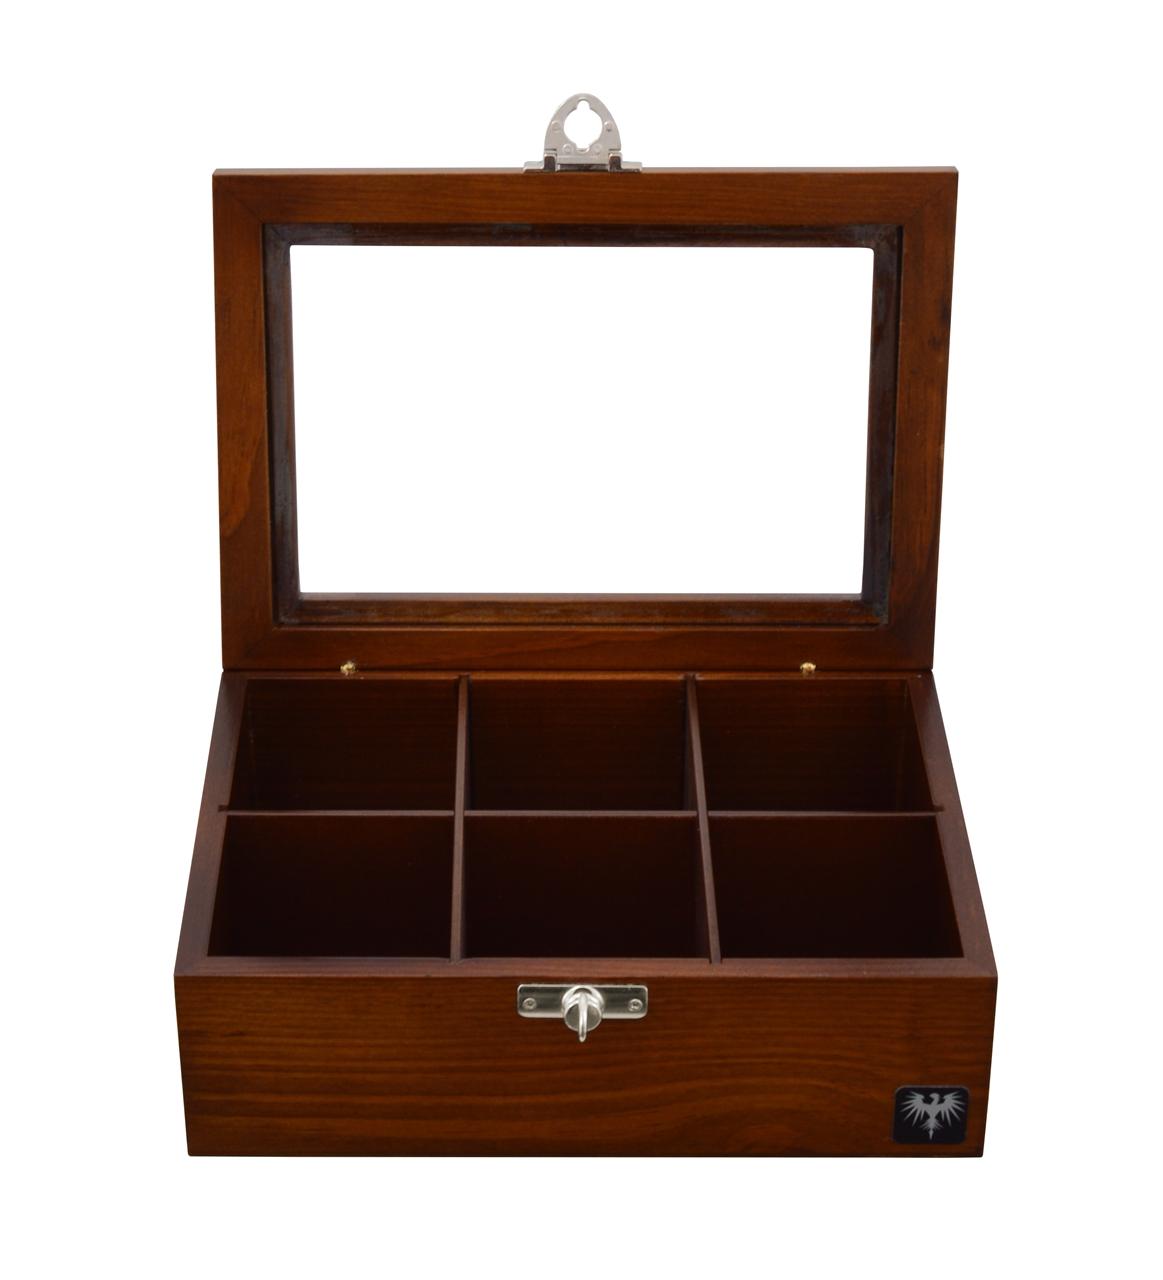 porta-cha-6-casulos-madeira-macica-tabaco-caixa-de-cha-imagem-3.JPG